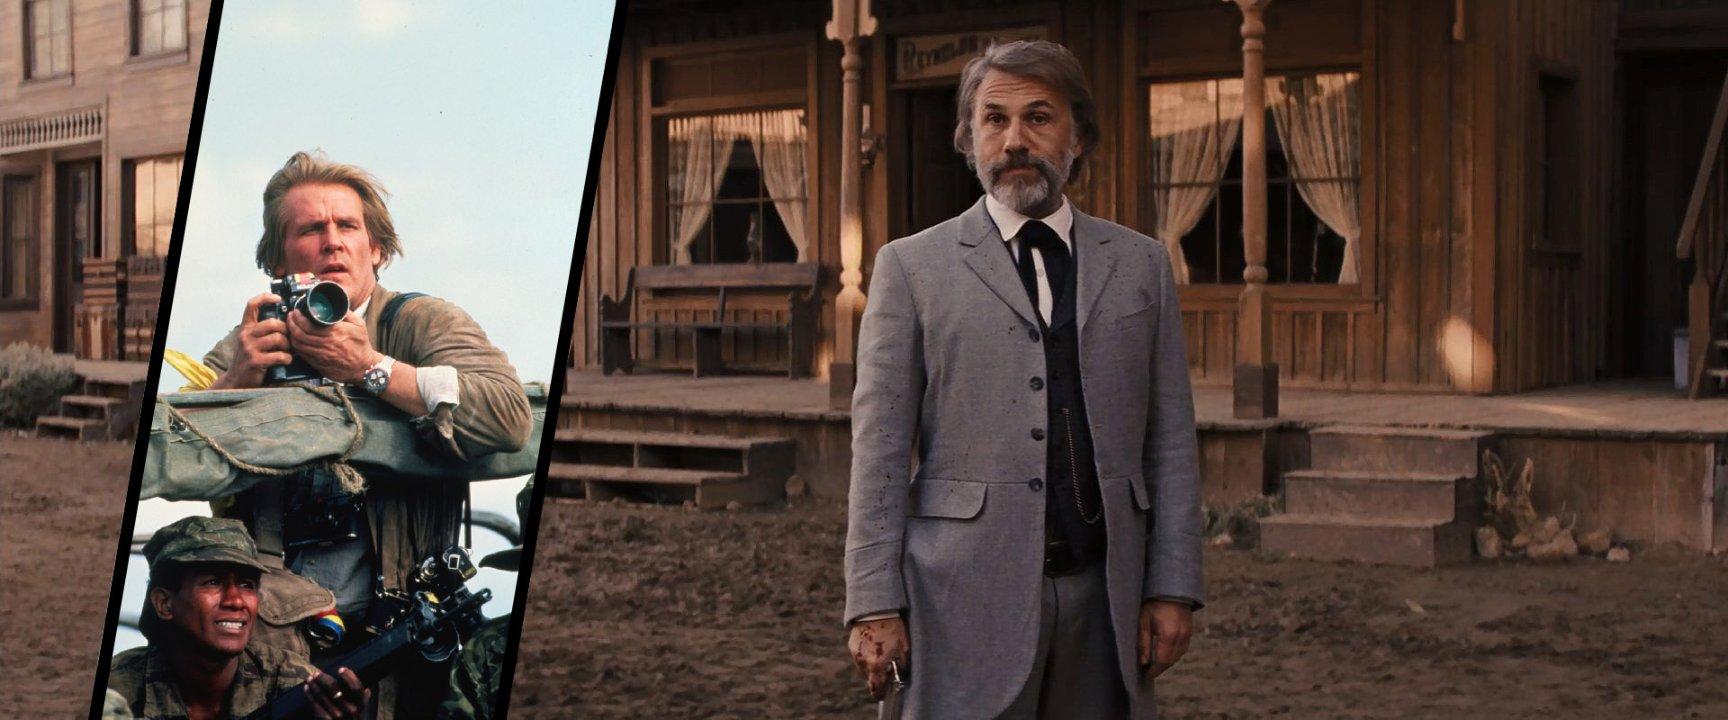 دانلود موسیقی متن فیلم سینمایی Under Fire, Django Unchained